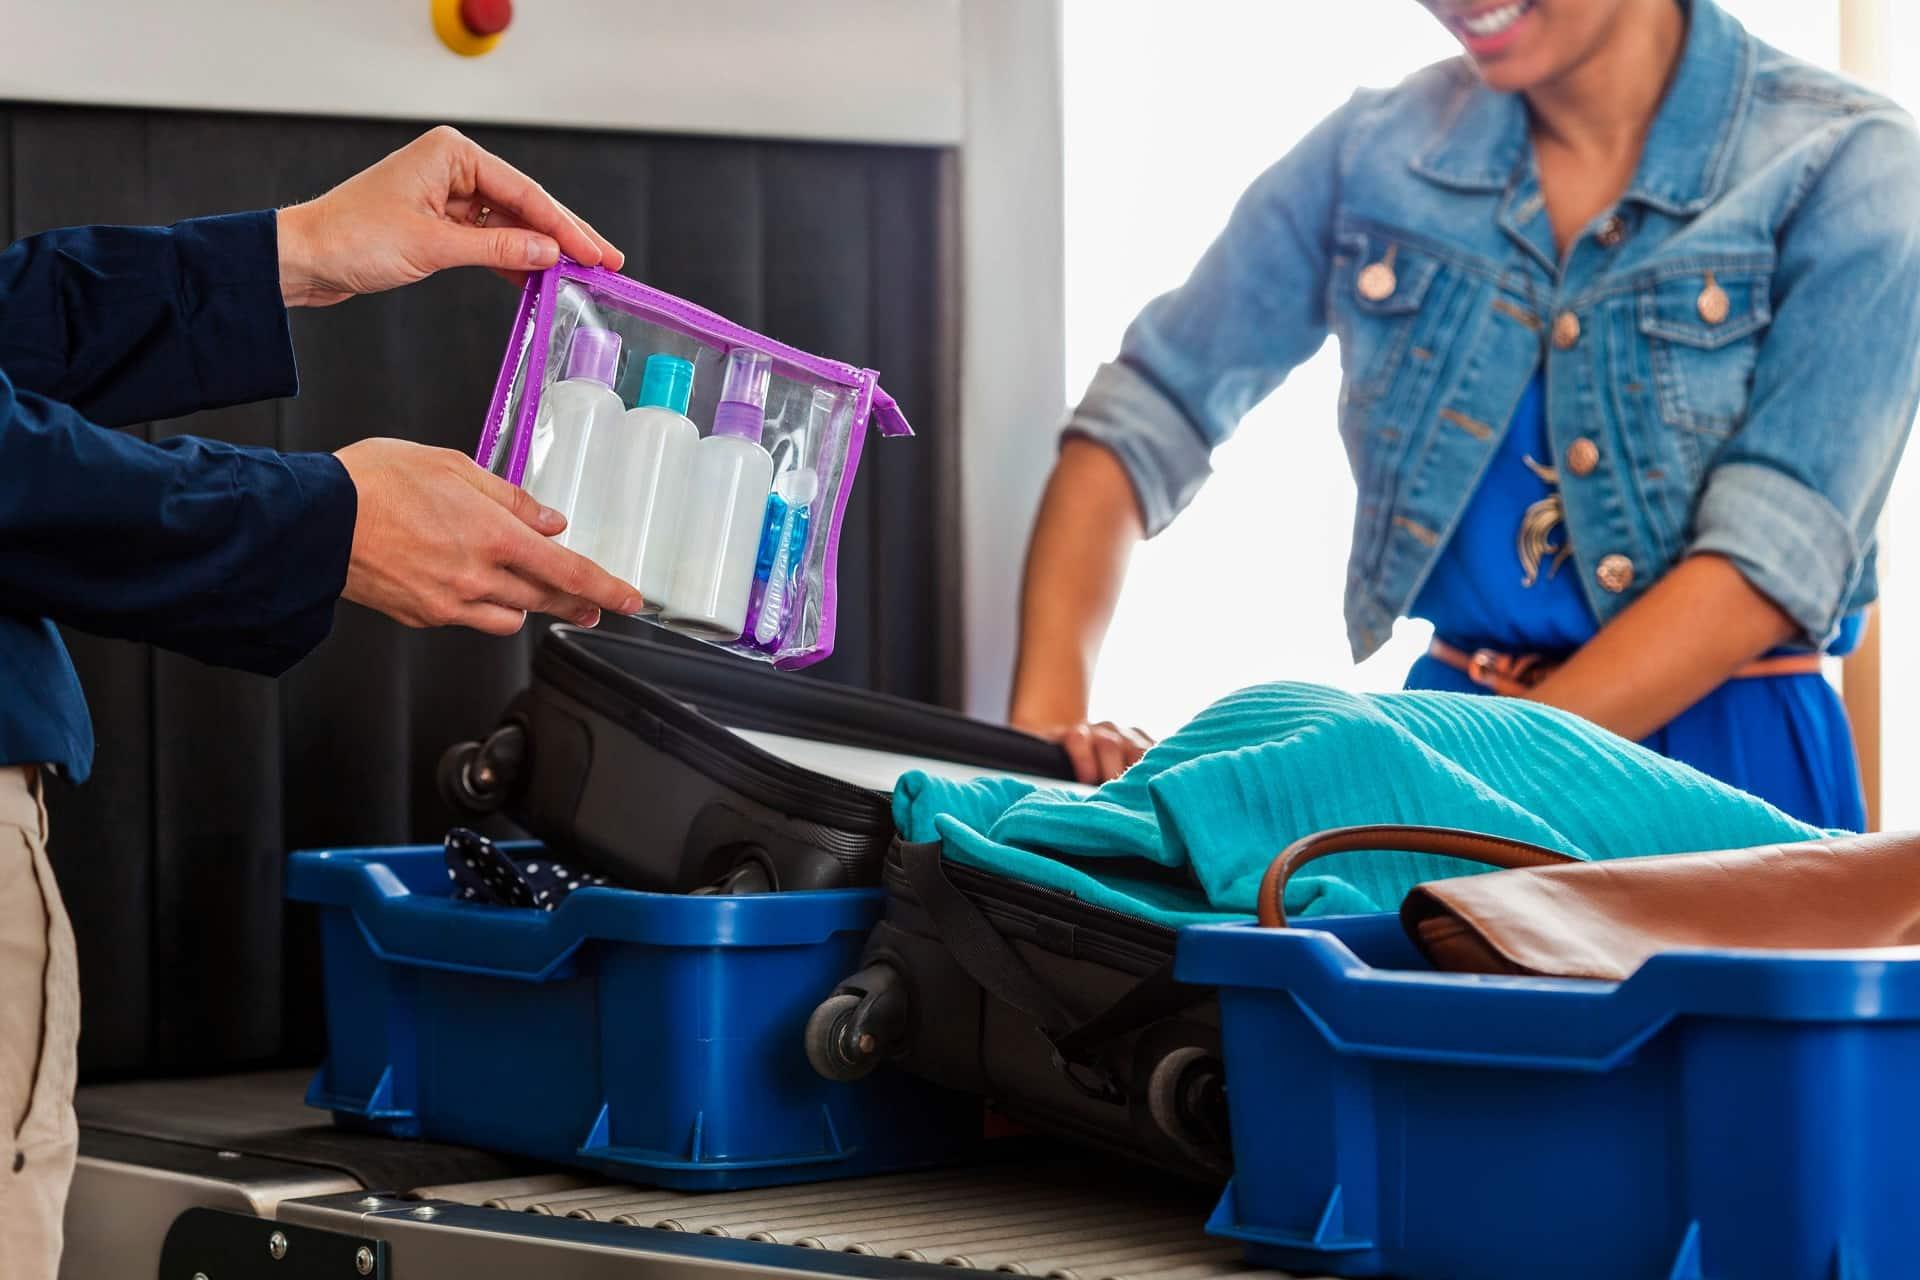 Что нельзя брать с собой в самолёт в 2019 году: список вещей, продуктов и лекарств, новые правила